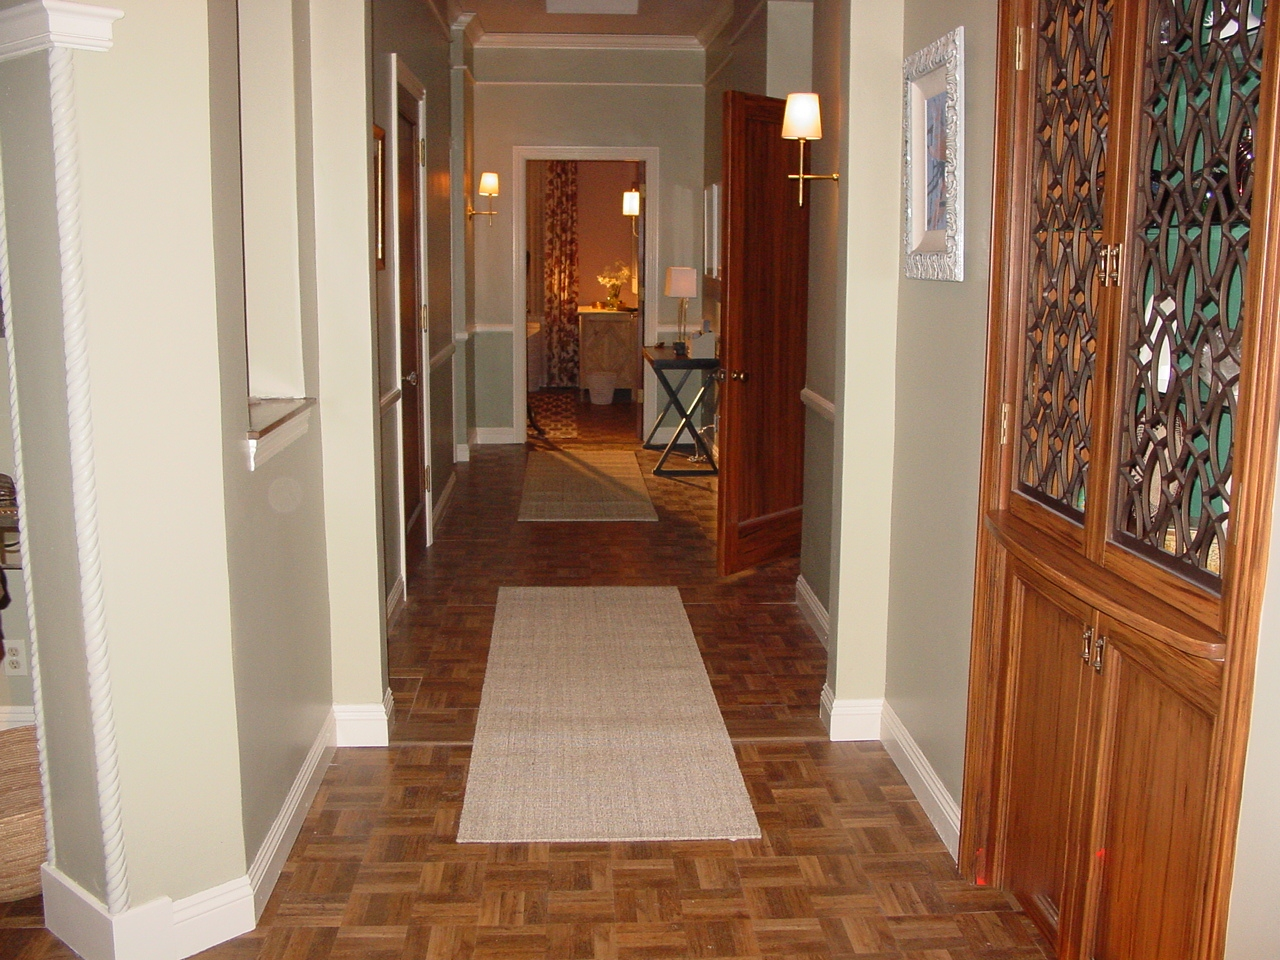 The New Hallway